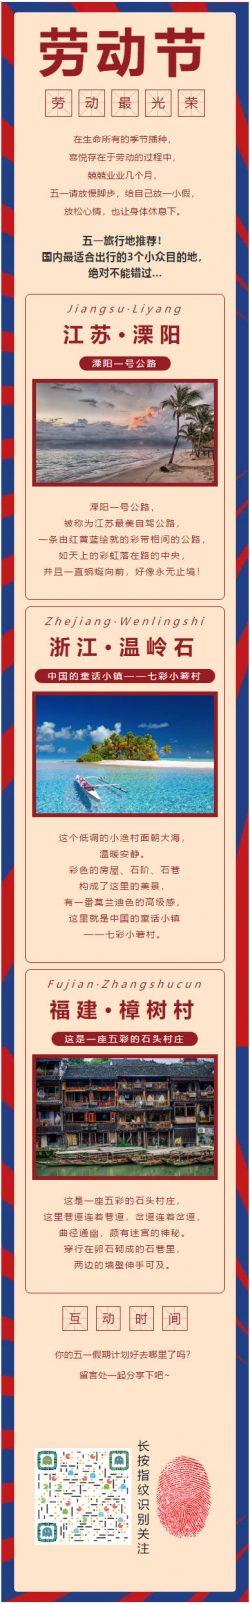 五一小长假旅游微信公众号推文模板劳动节公众号推送图文素材